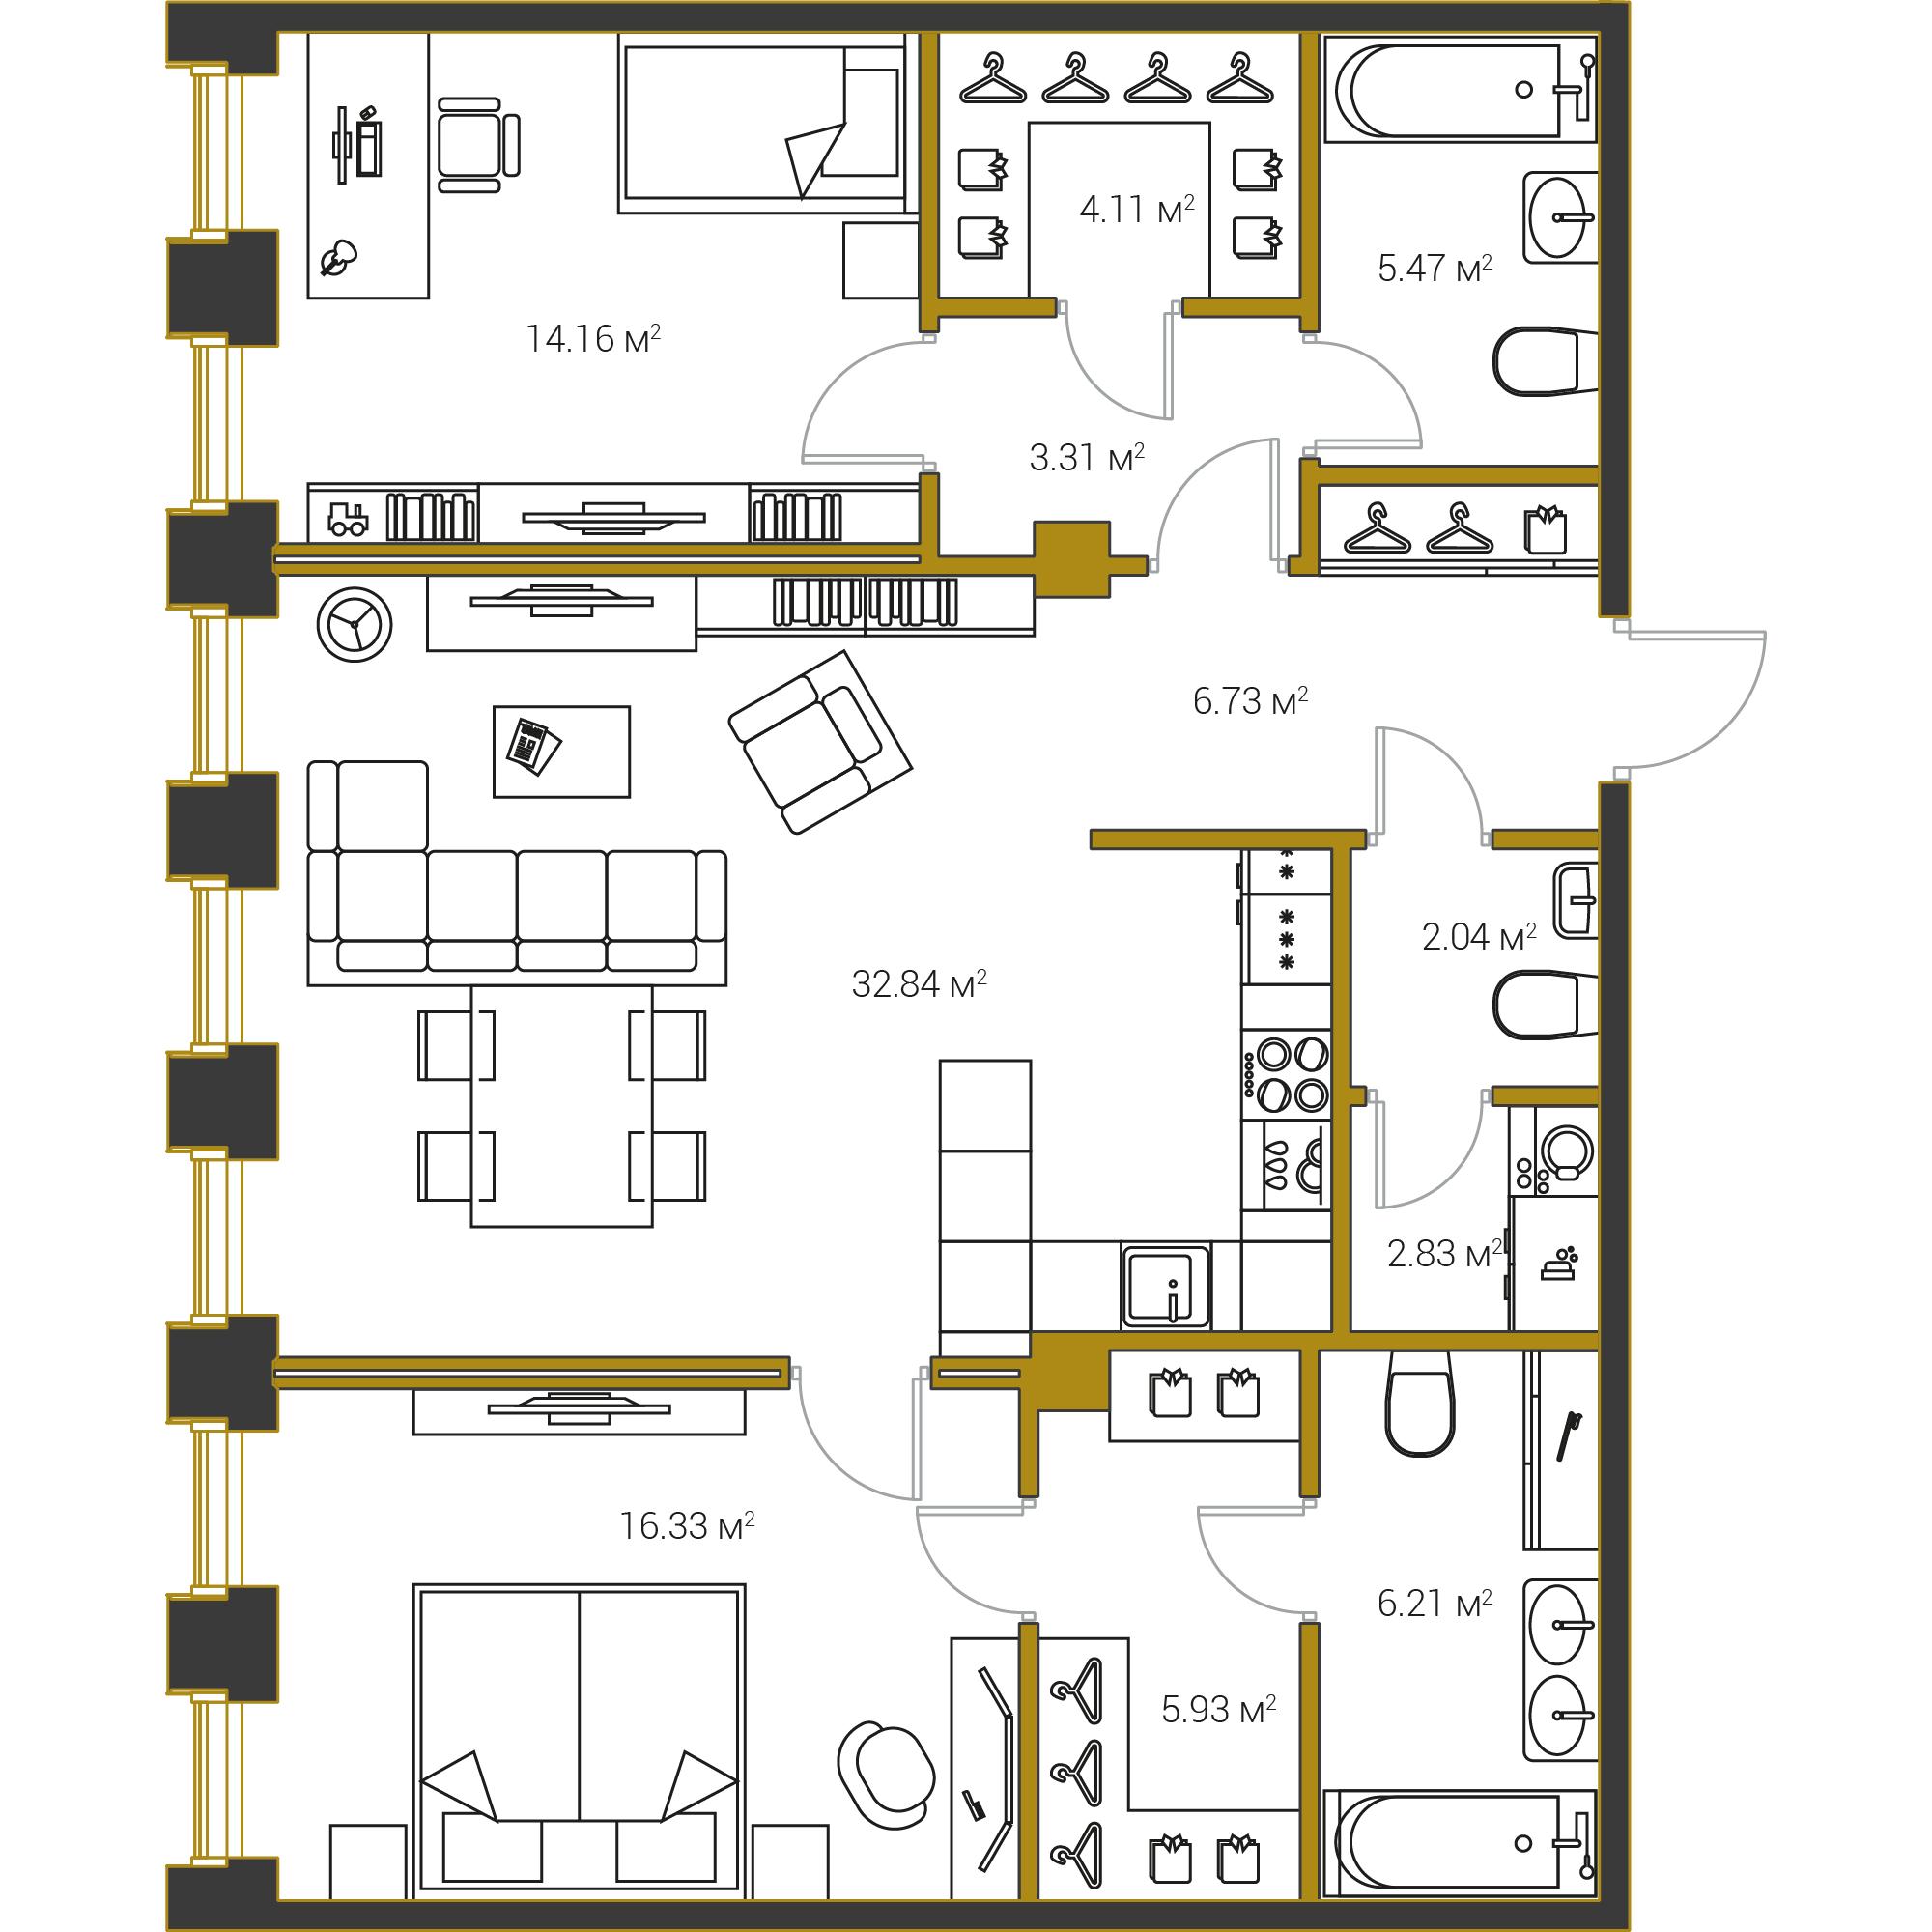 2-комнатная квартира №16 в: Институтский,16: 99.96 м²; этаж: 14 - купить в Санкт-Петербурге